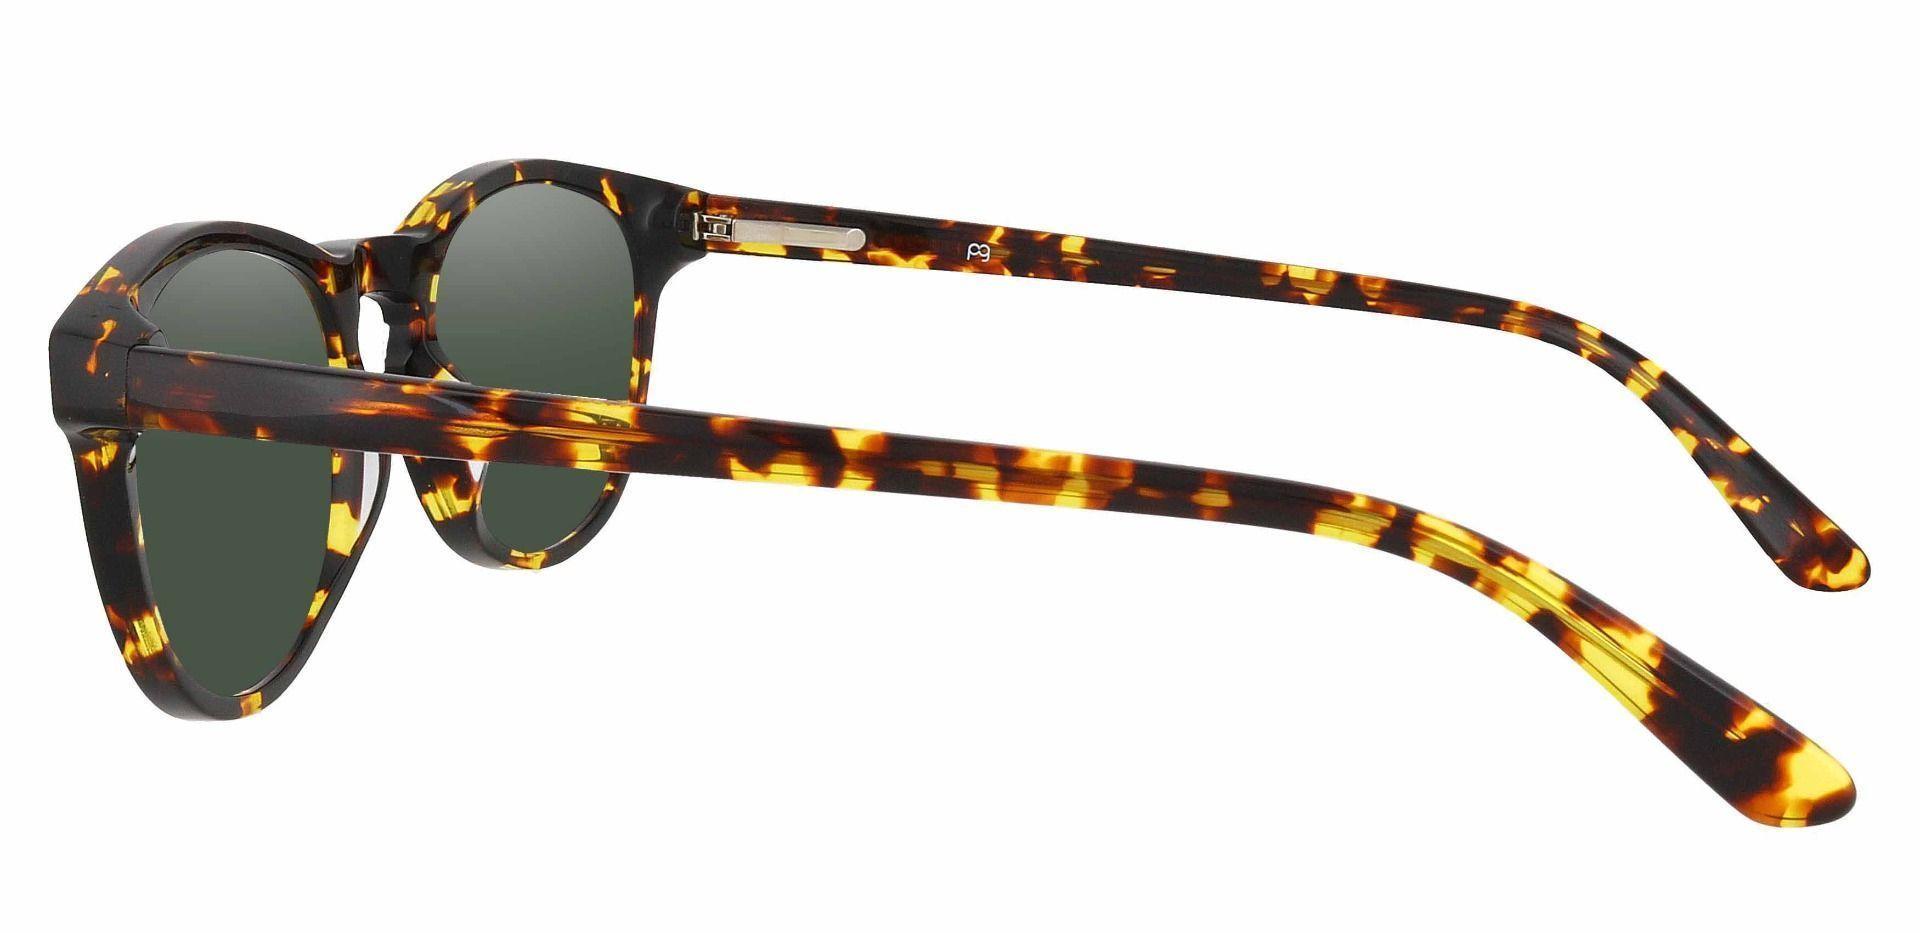 Laguna Oval Prescription Sunglasses - Tortoise Frame With Green Lenses